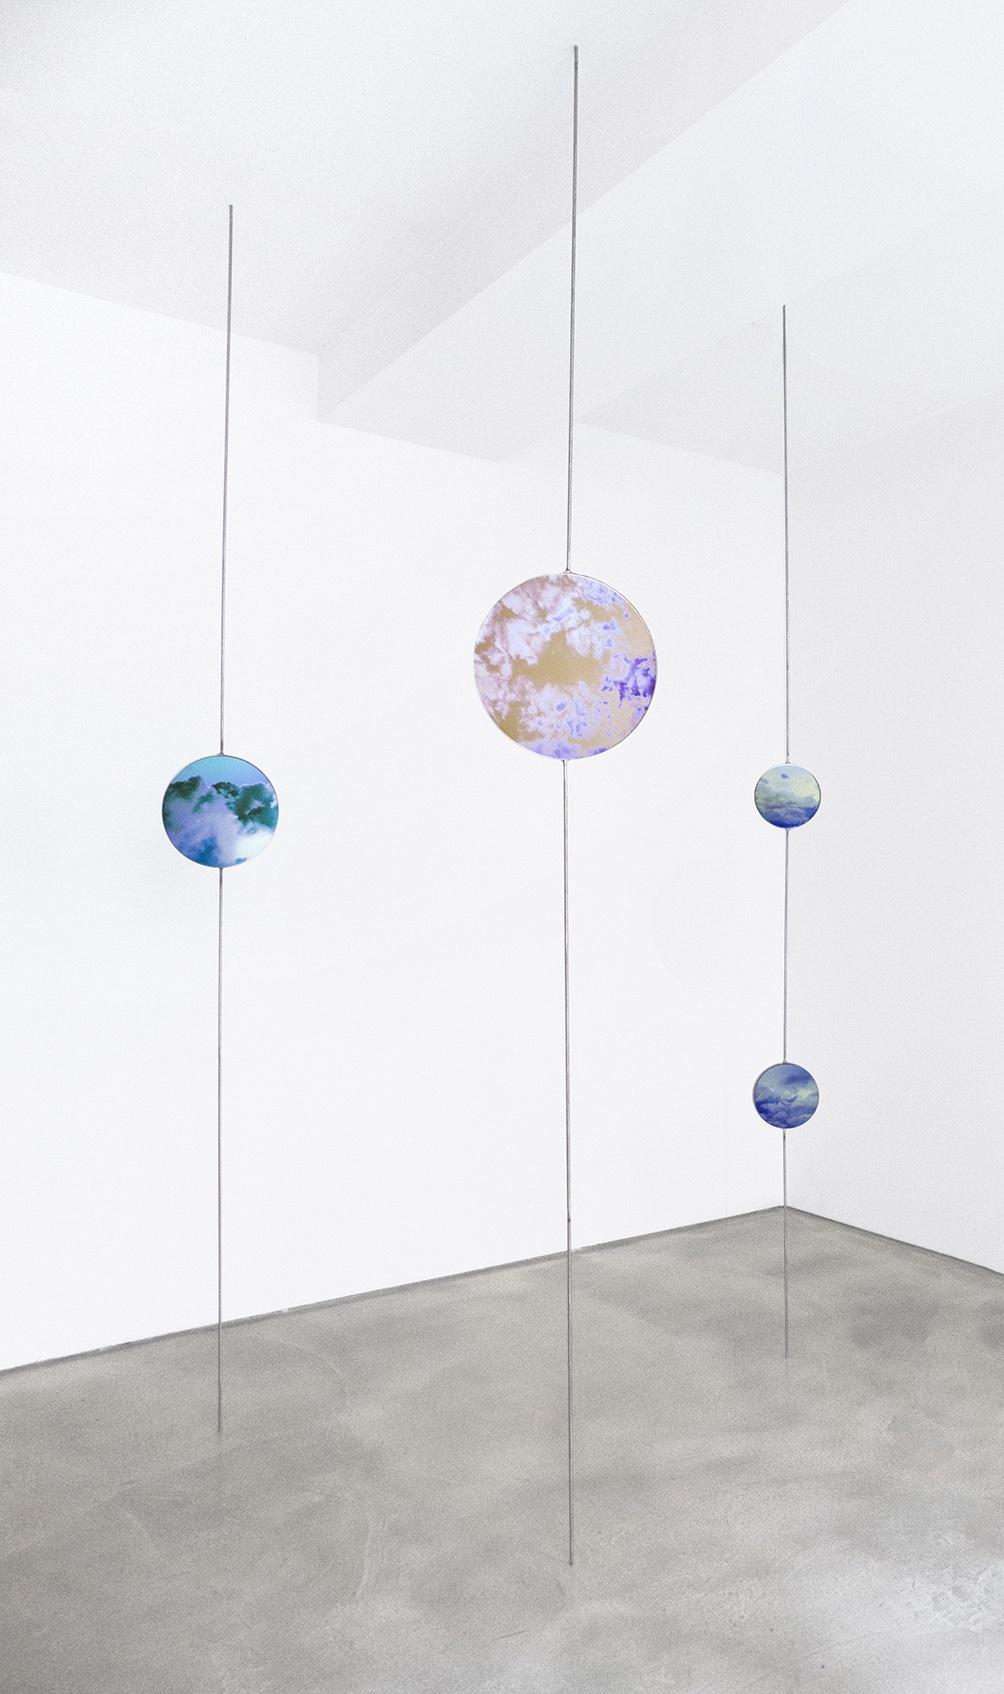 Exposition Jet Stream de Lyse Fournier  Du 14 Mars au 25 Avril 2020, Eponyme Galerie Bordeaux